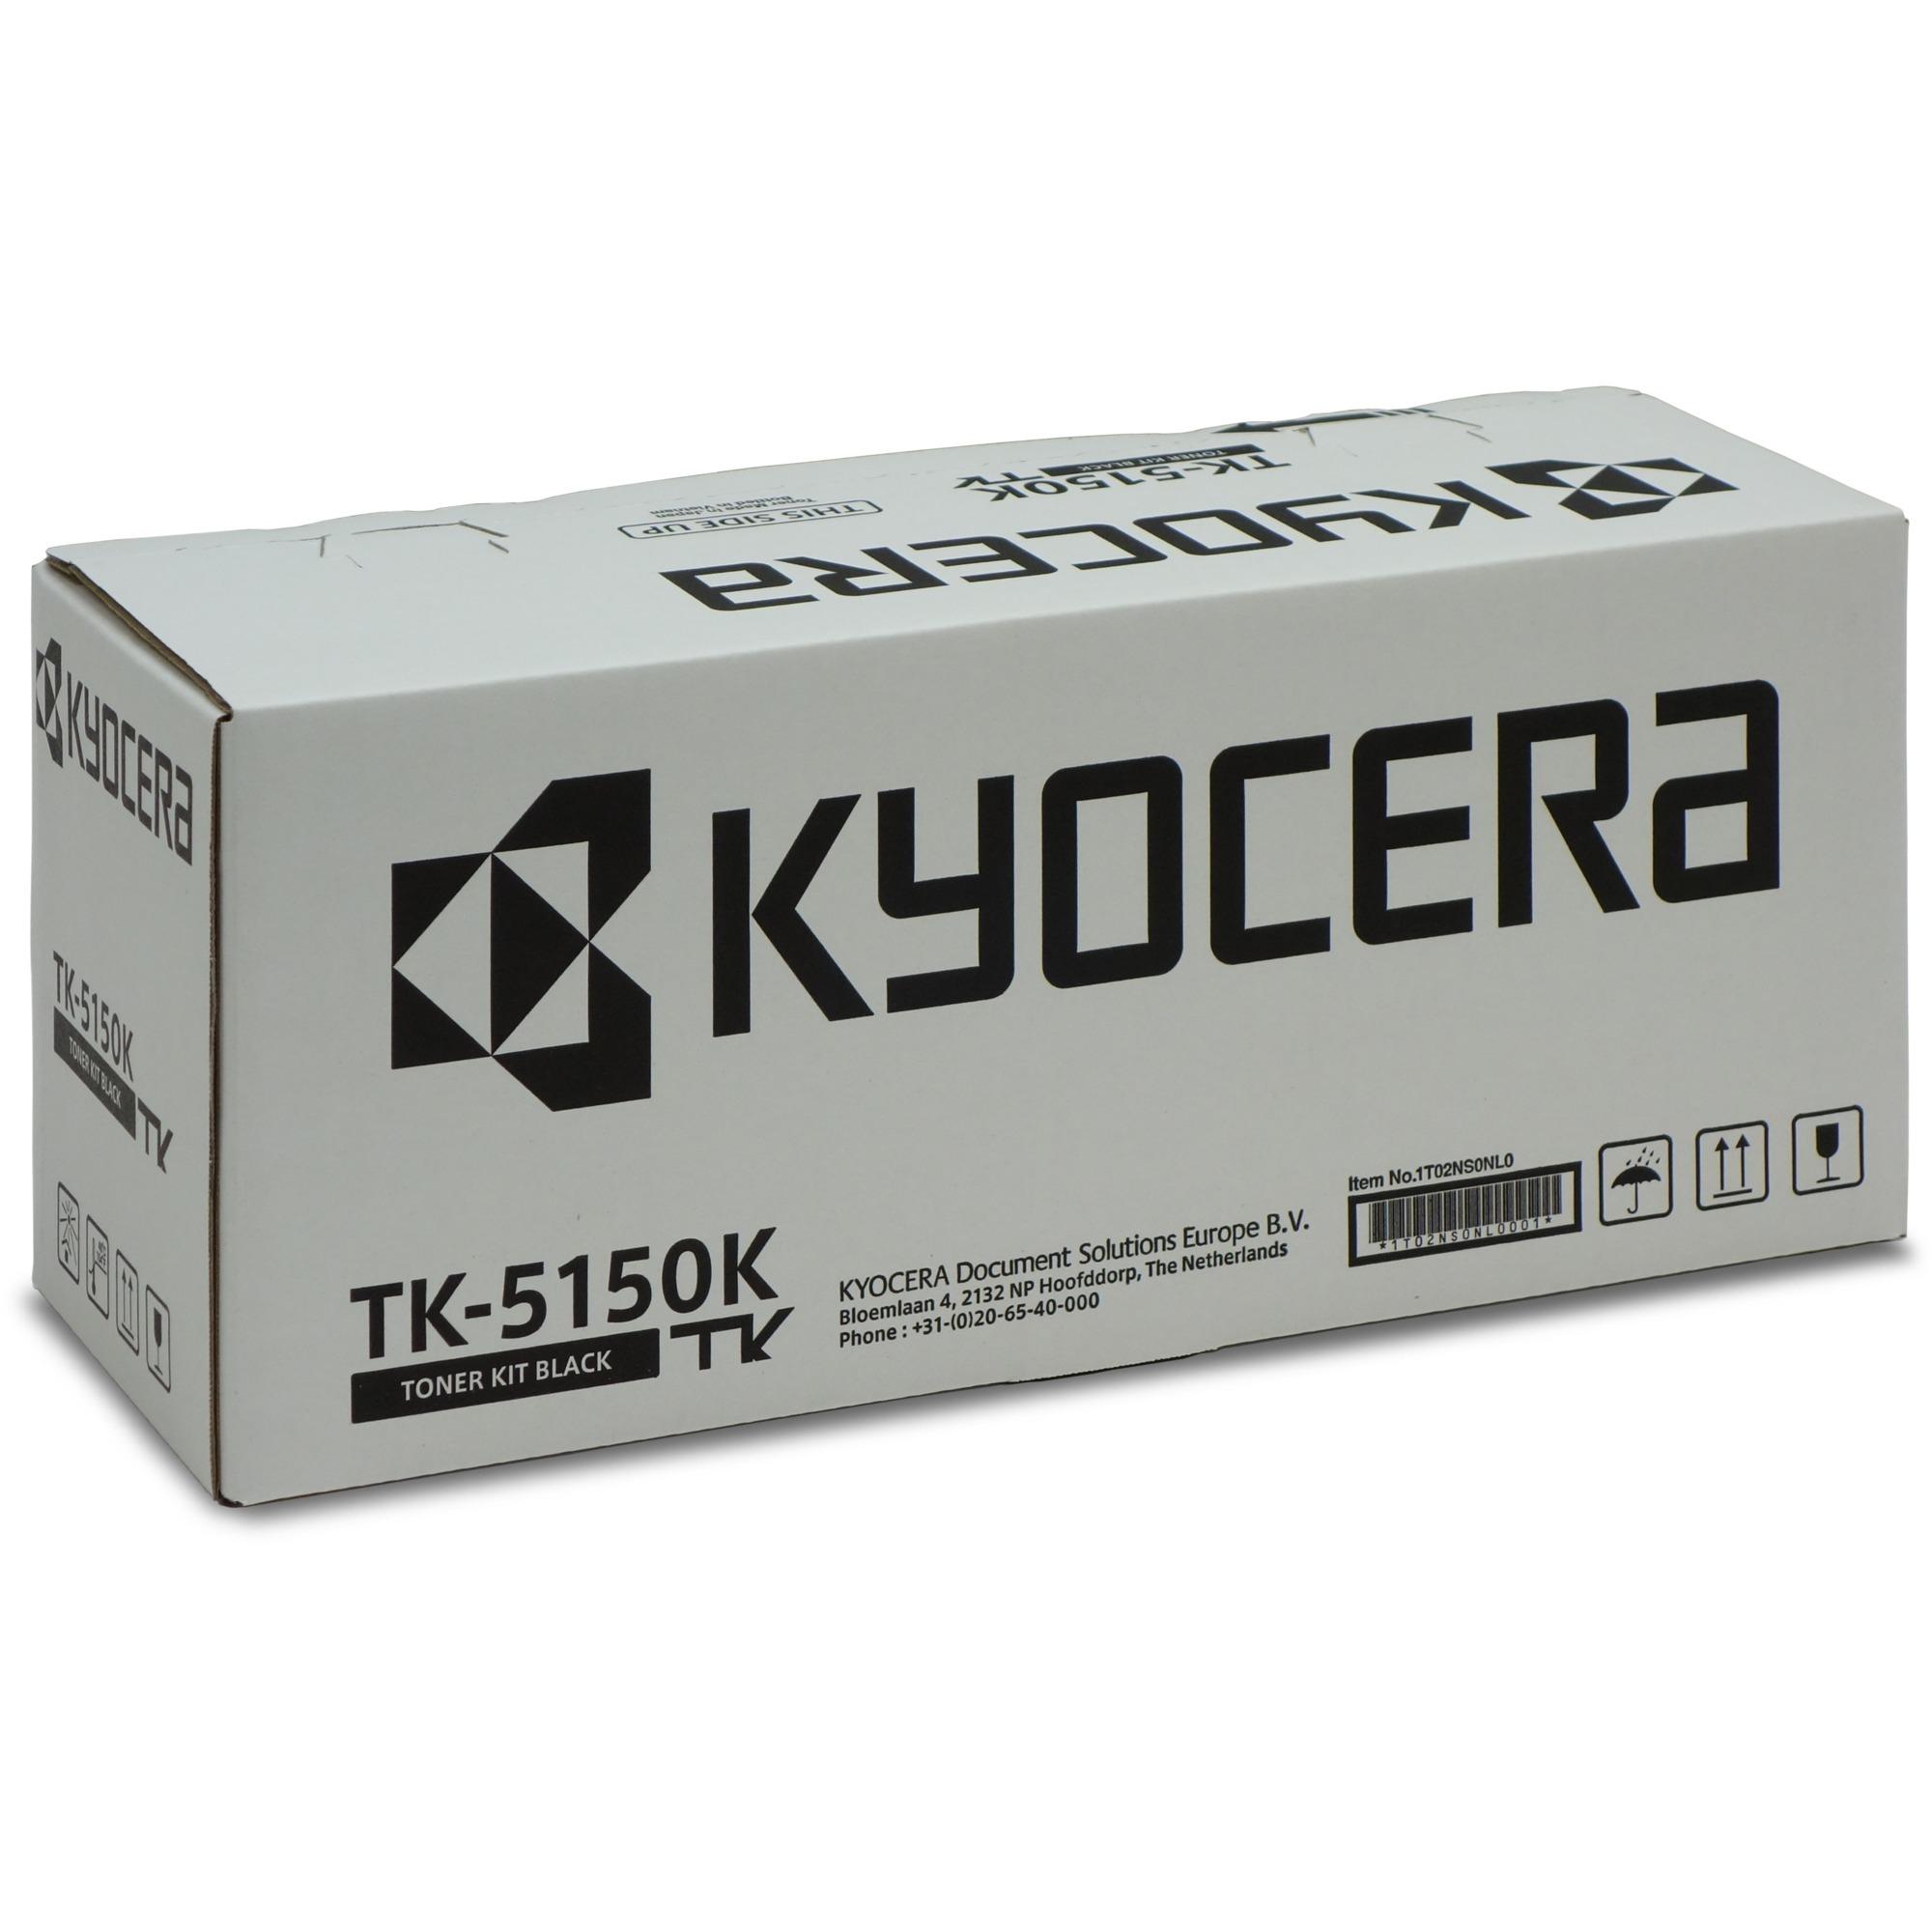 tk-5150k